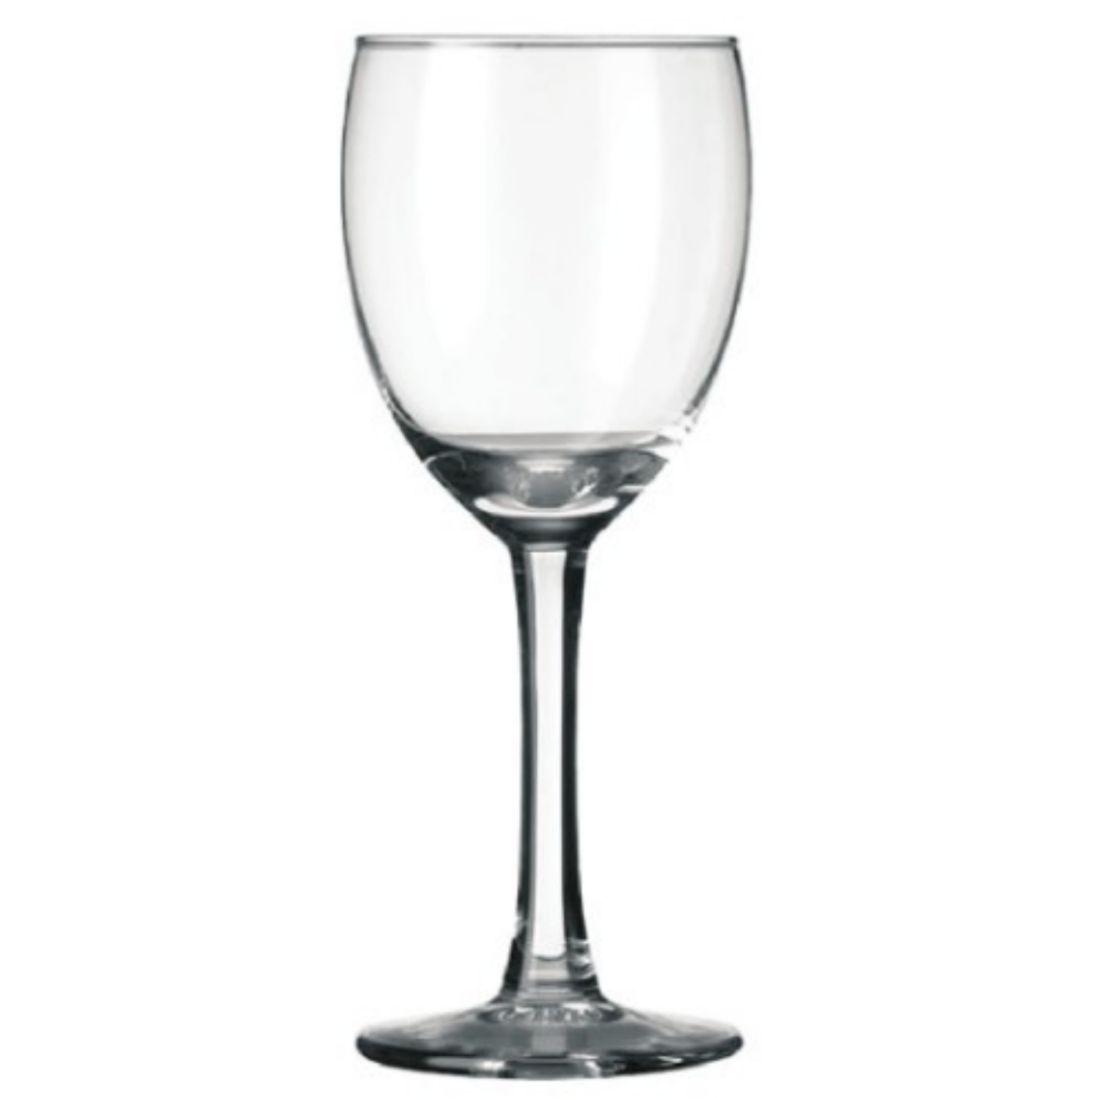 Sklenice na víno Claret 190 ml